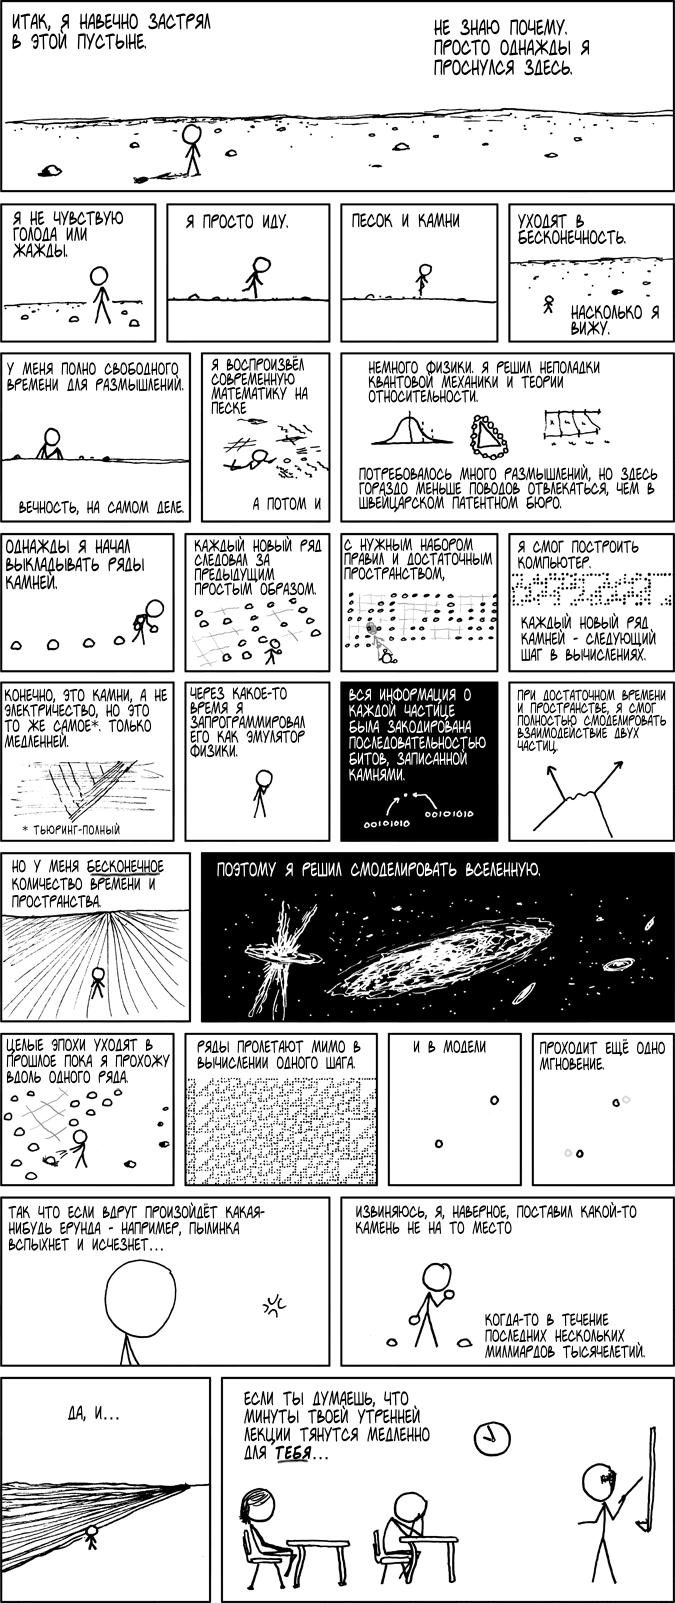 Известный комикс (https://xkcd.ru/505/), которым и навеяна идея статьи